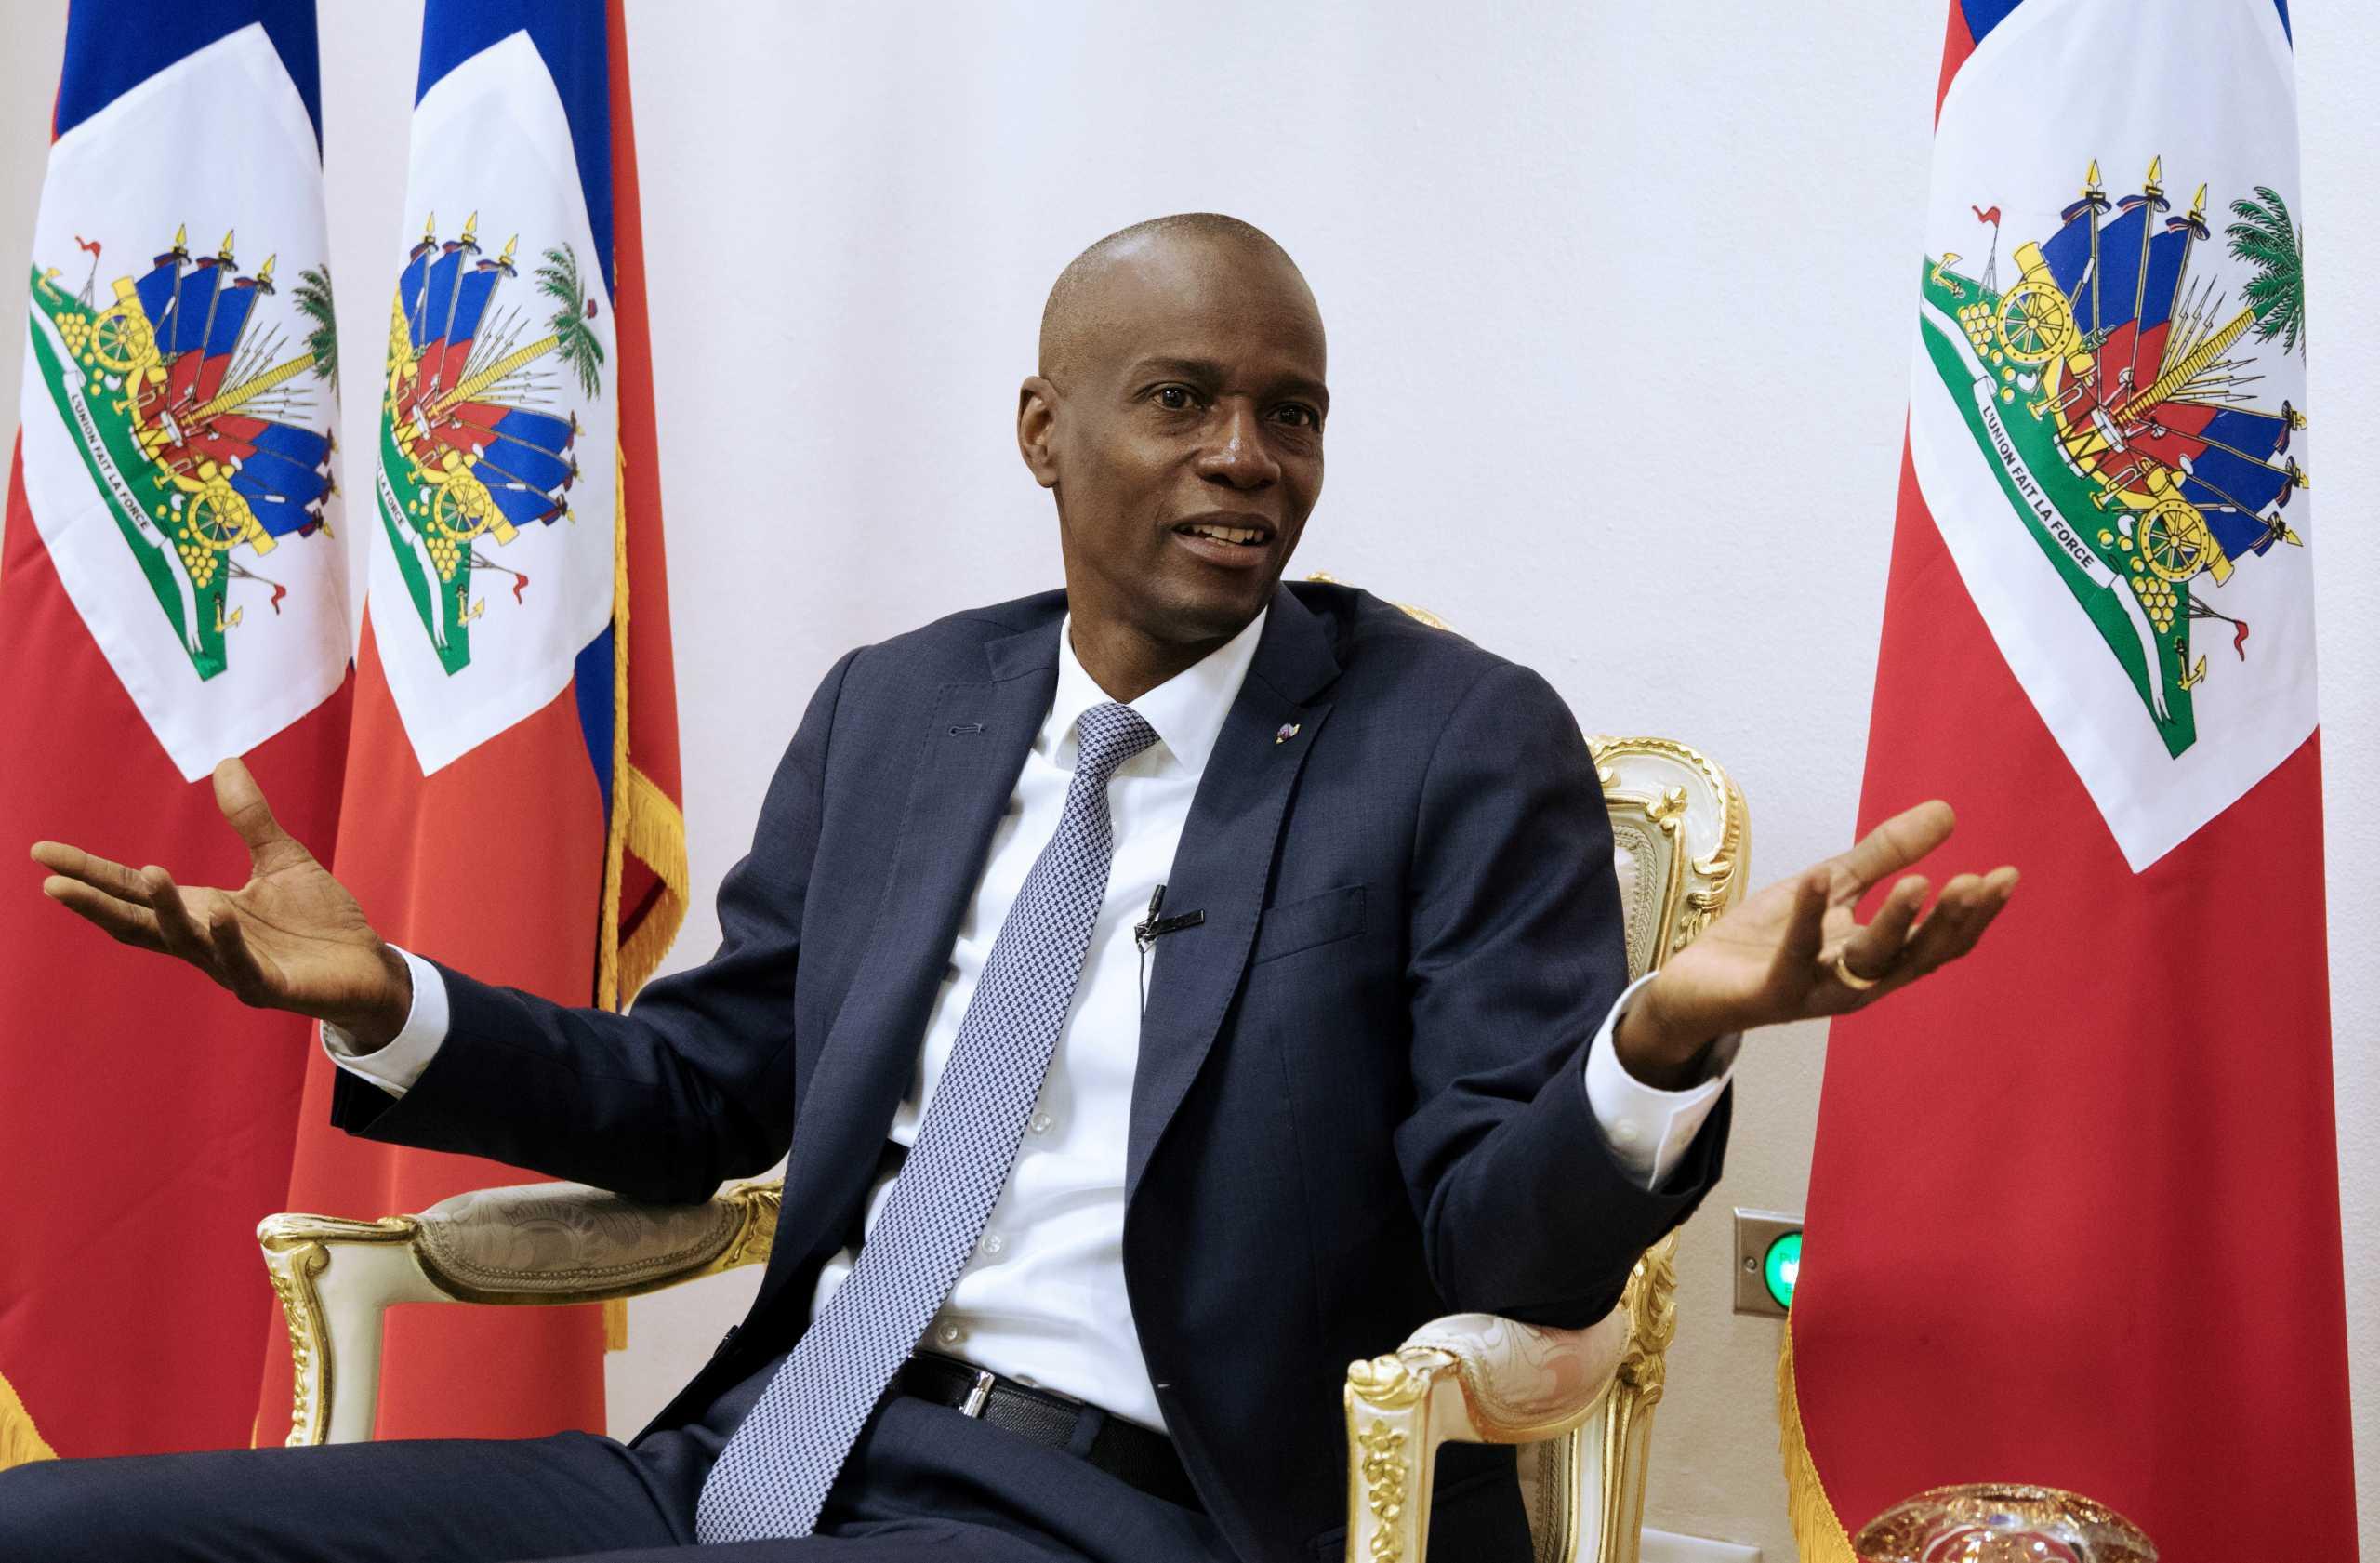 Αϊτή: Συνελήφθη ο άνθρωπος που στρατολόγησε τους δολοφόνους του Ζοβενέλ Μοΐζ